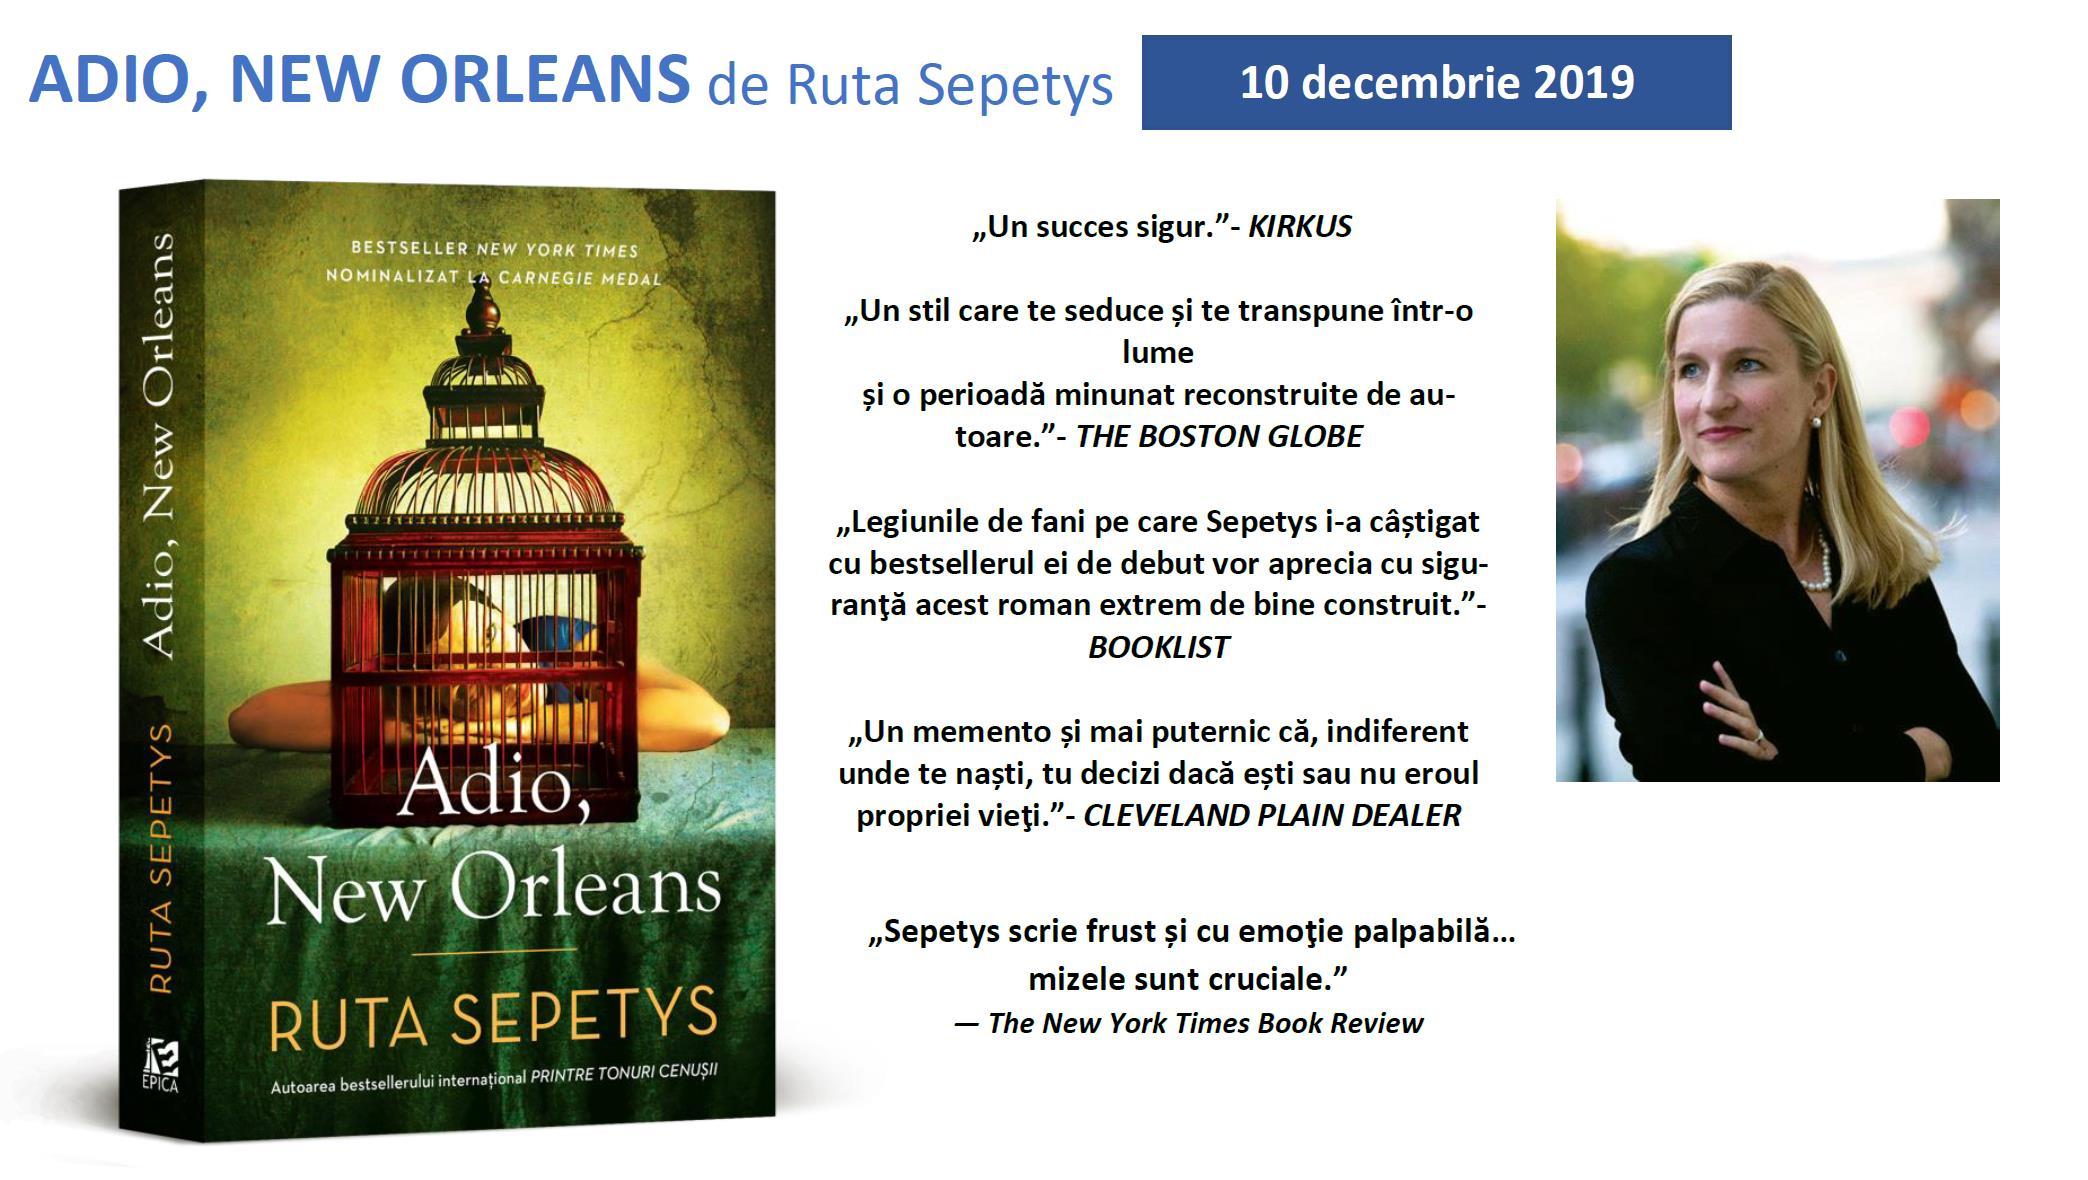 """În luna decembrie va apărea un nou roma semnat Ruta Sepetys - ,,Adio, New Orleans"""""""